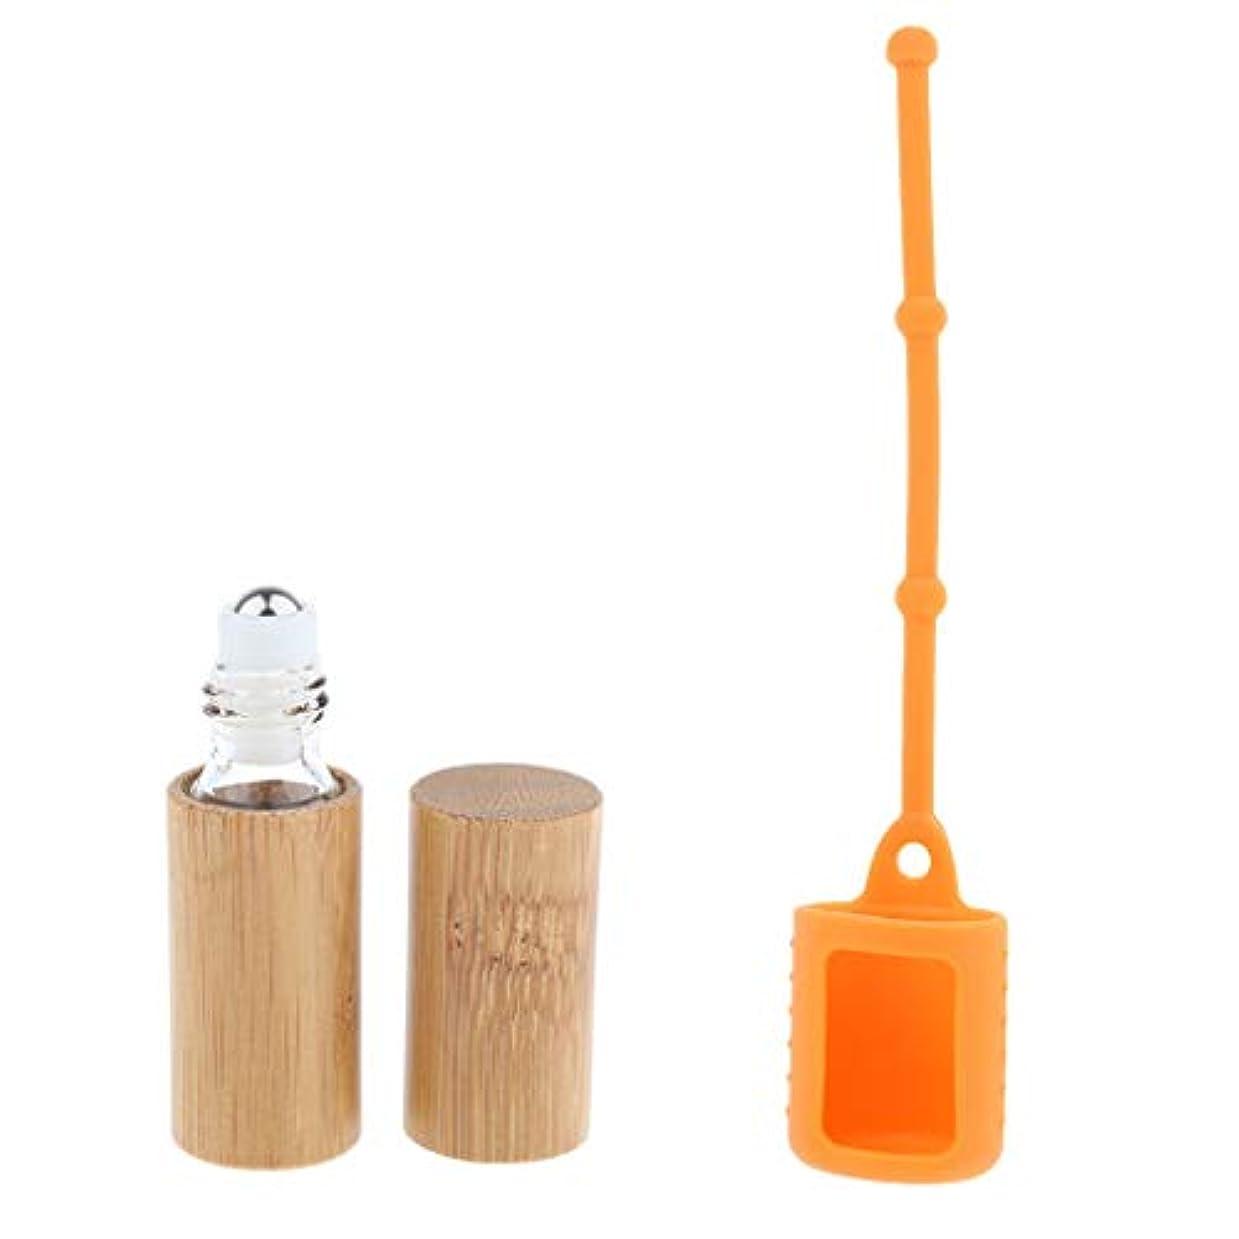 警告免除すり減るFLAMEER 空ボトル 竹ボトル 香水瓶 エッセンシャルオイル 精油瓶 詰め替え 掛け シリコンカバー